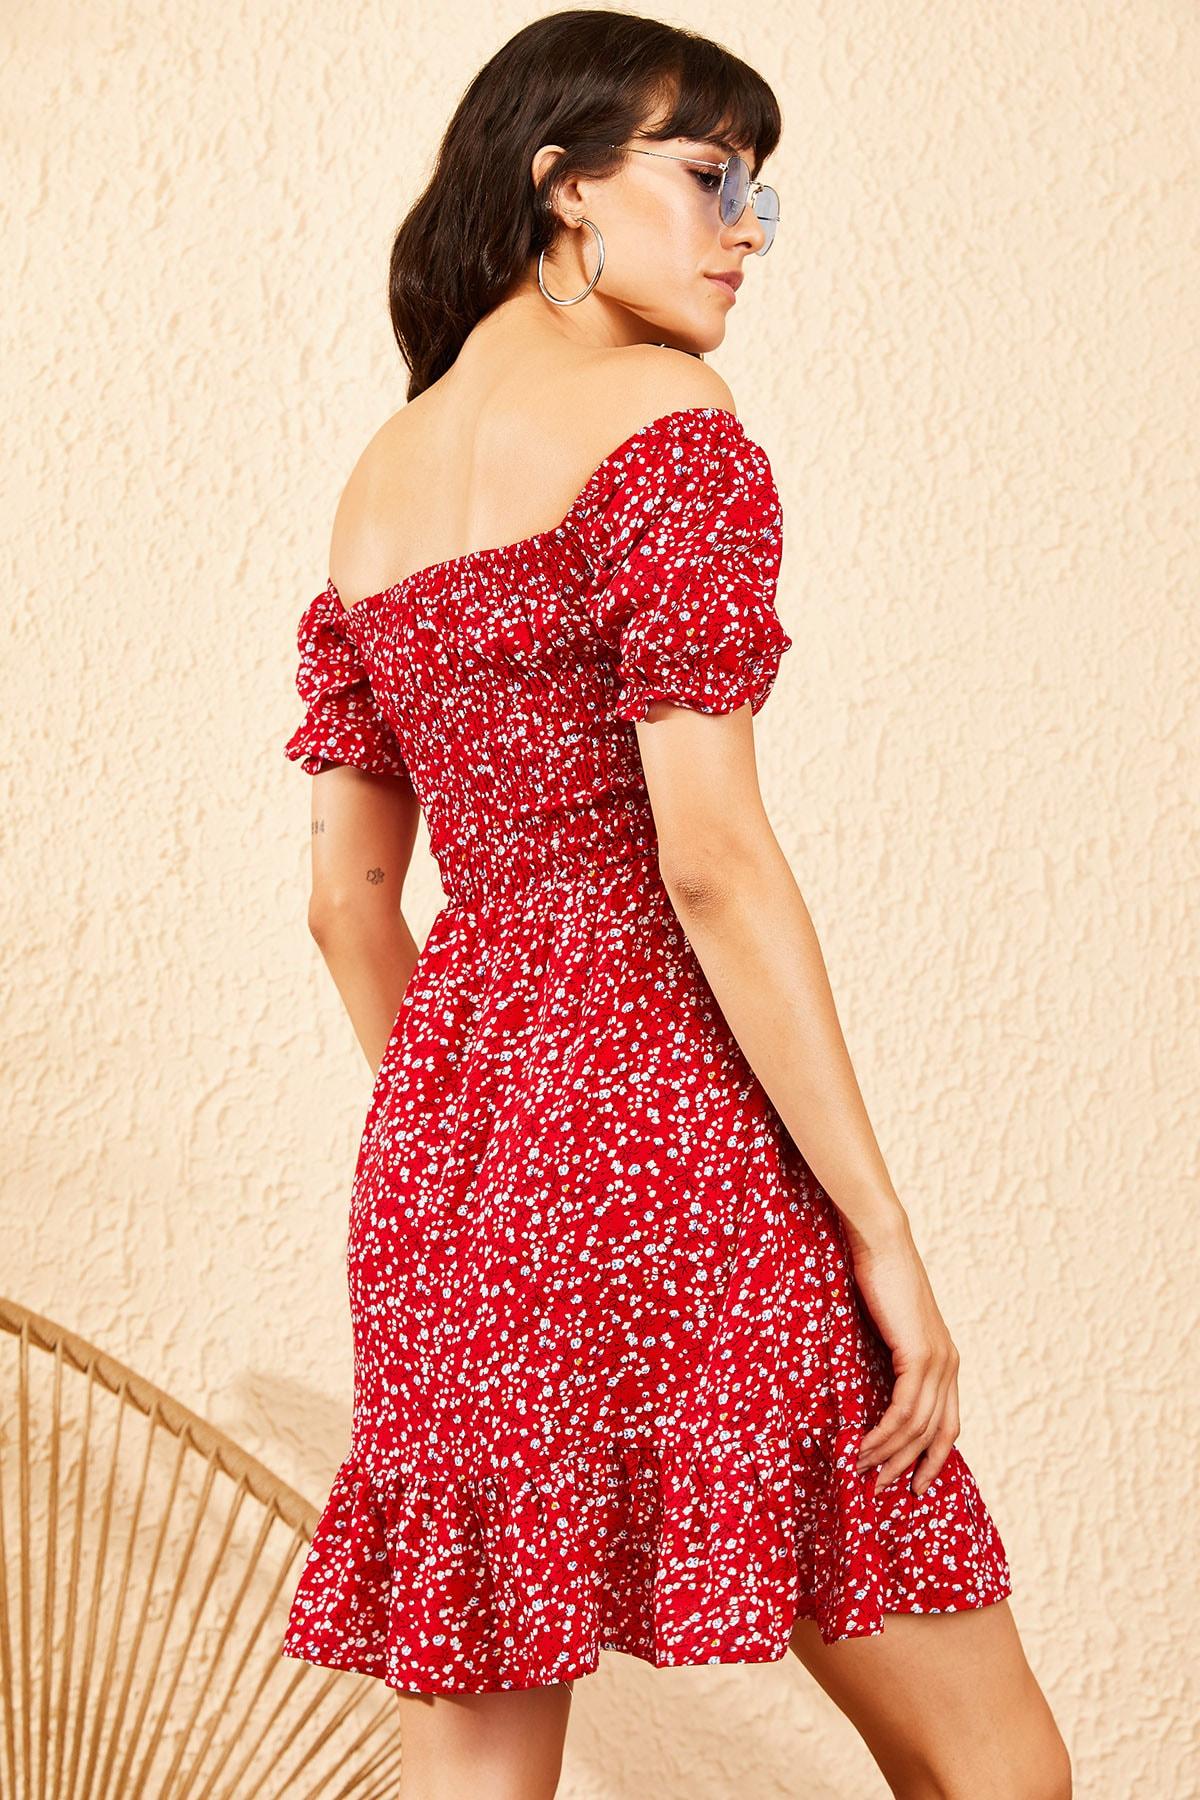 Bianco Lucci Kadın Kırmızı Gipeli İp Askılı Küçük Çiçek Desenli Elbise 10091046 4